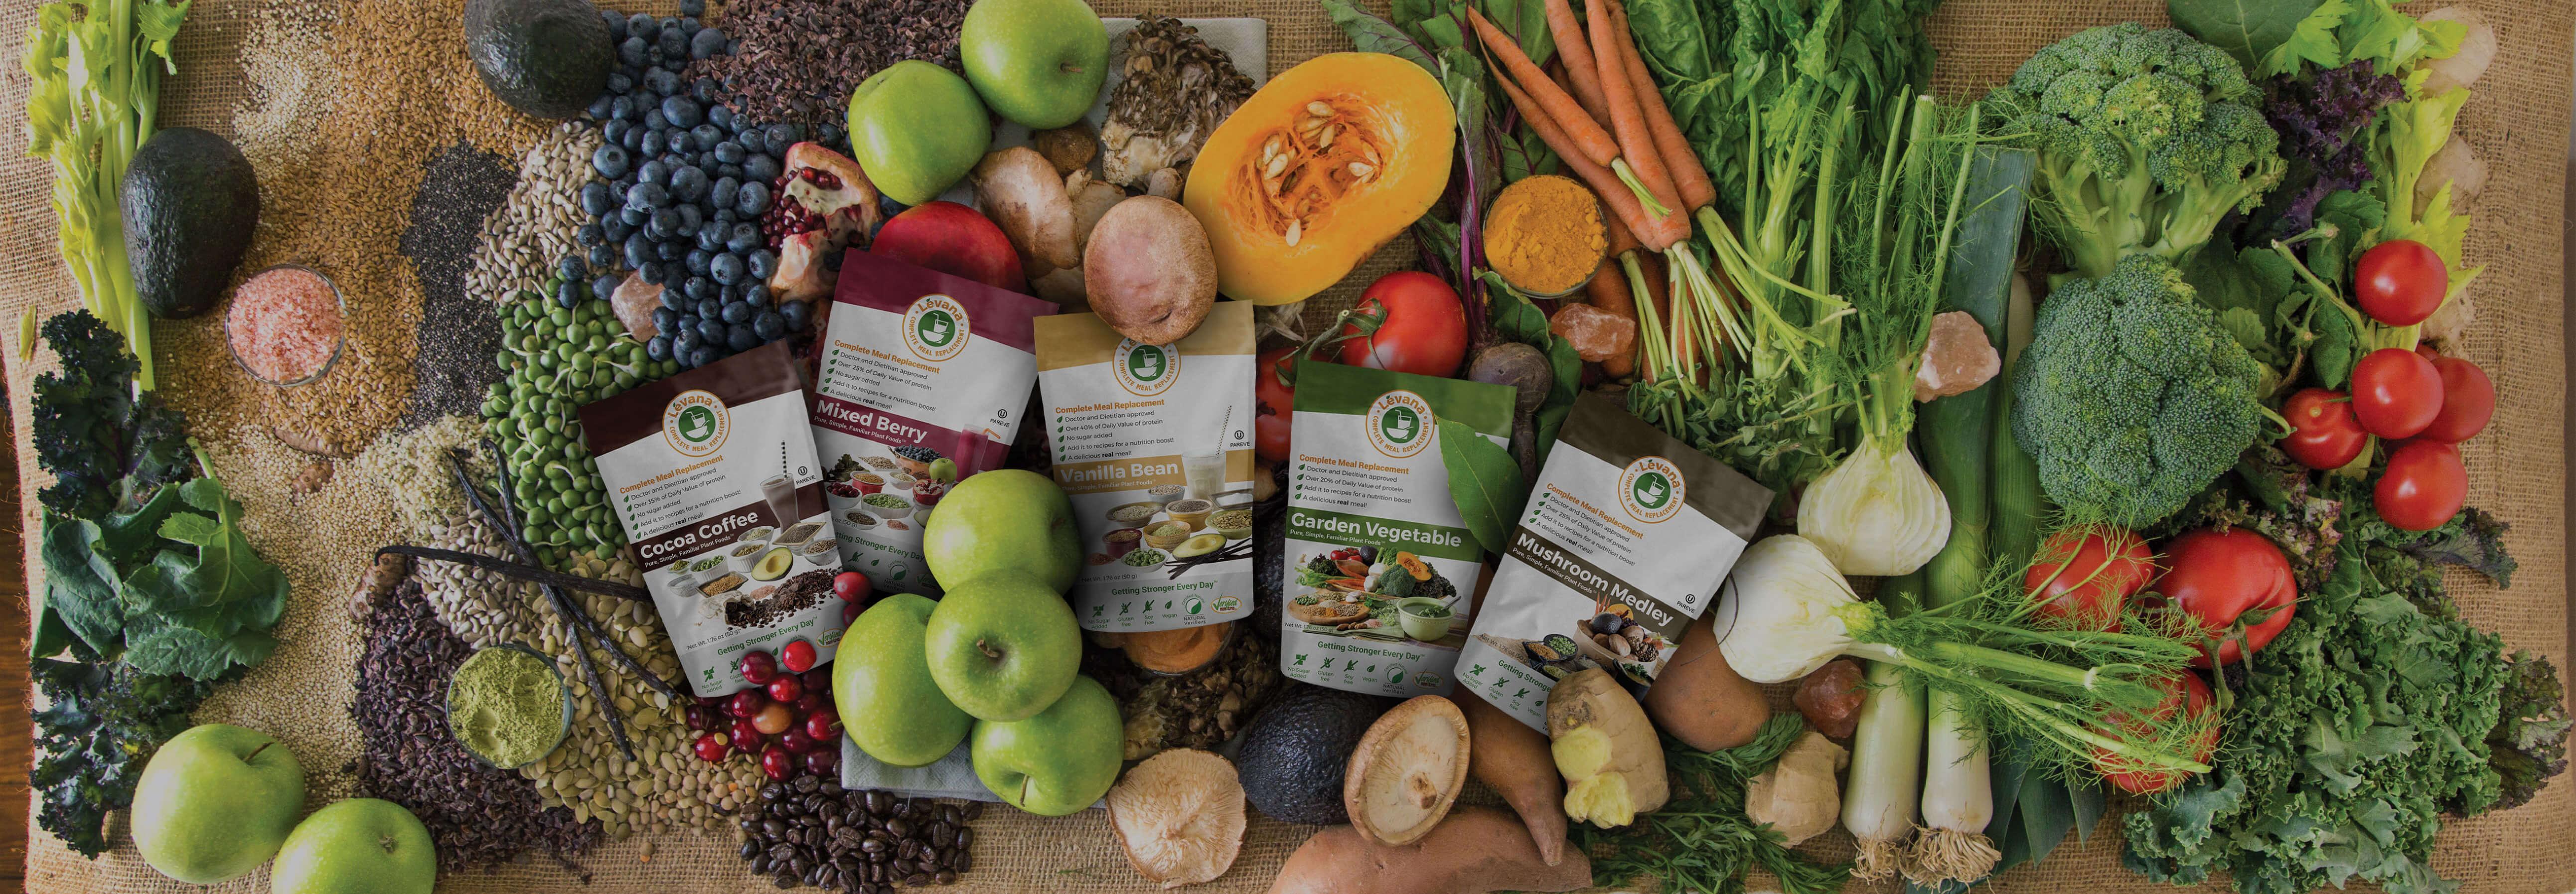 Ground Vanilla Bean Whole Foods